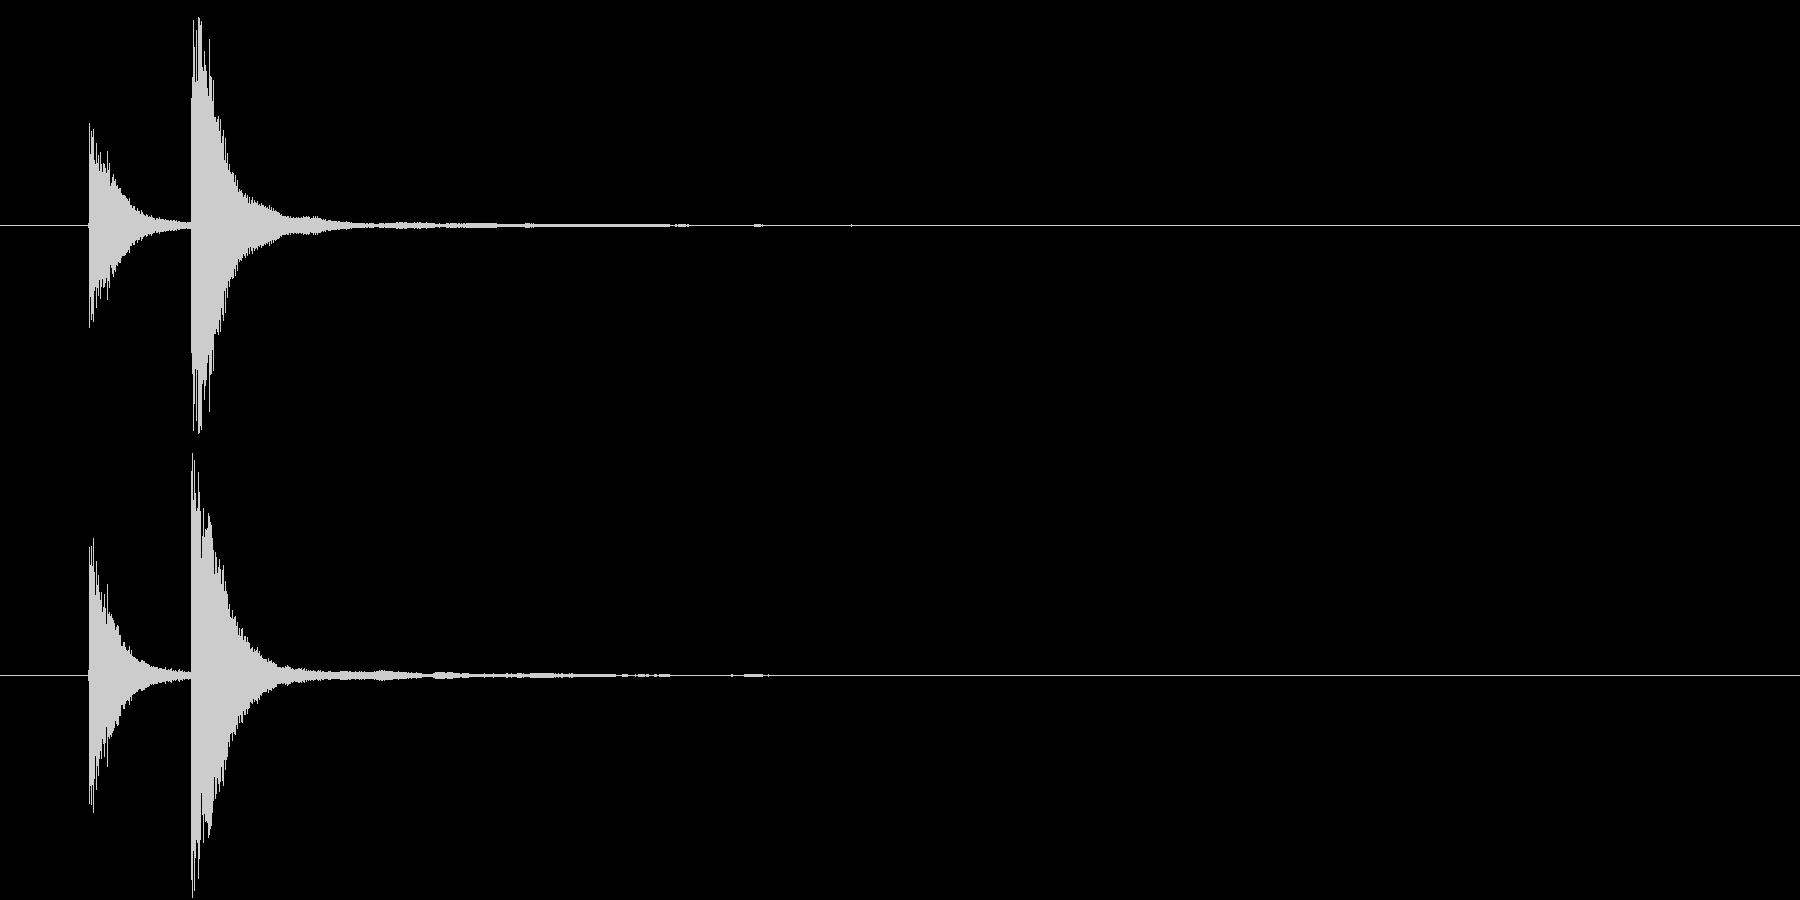 音侍「チチン」囃子当り鉦の連打音リバーブの未再生の波形